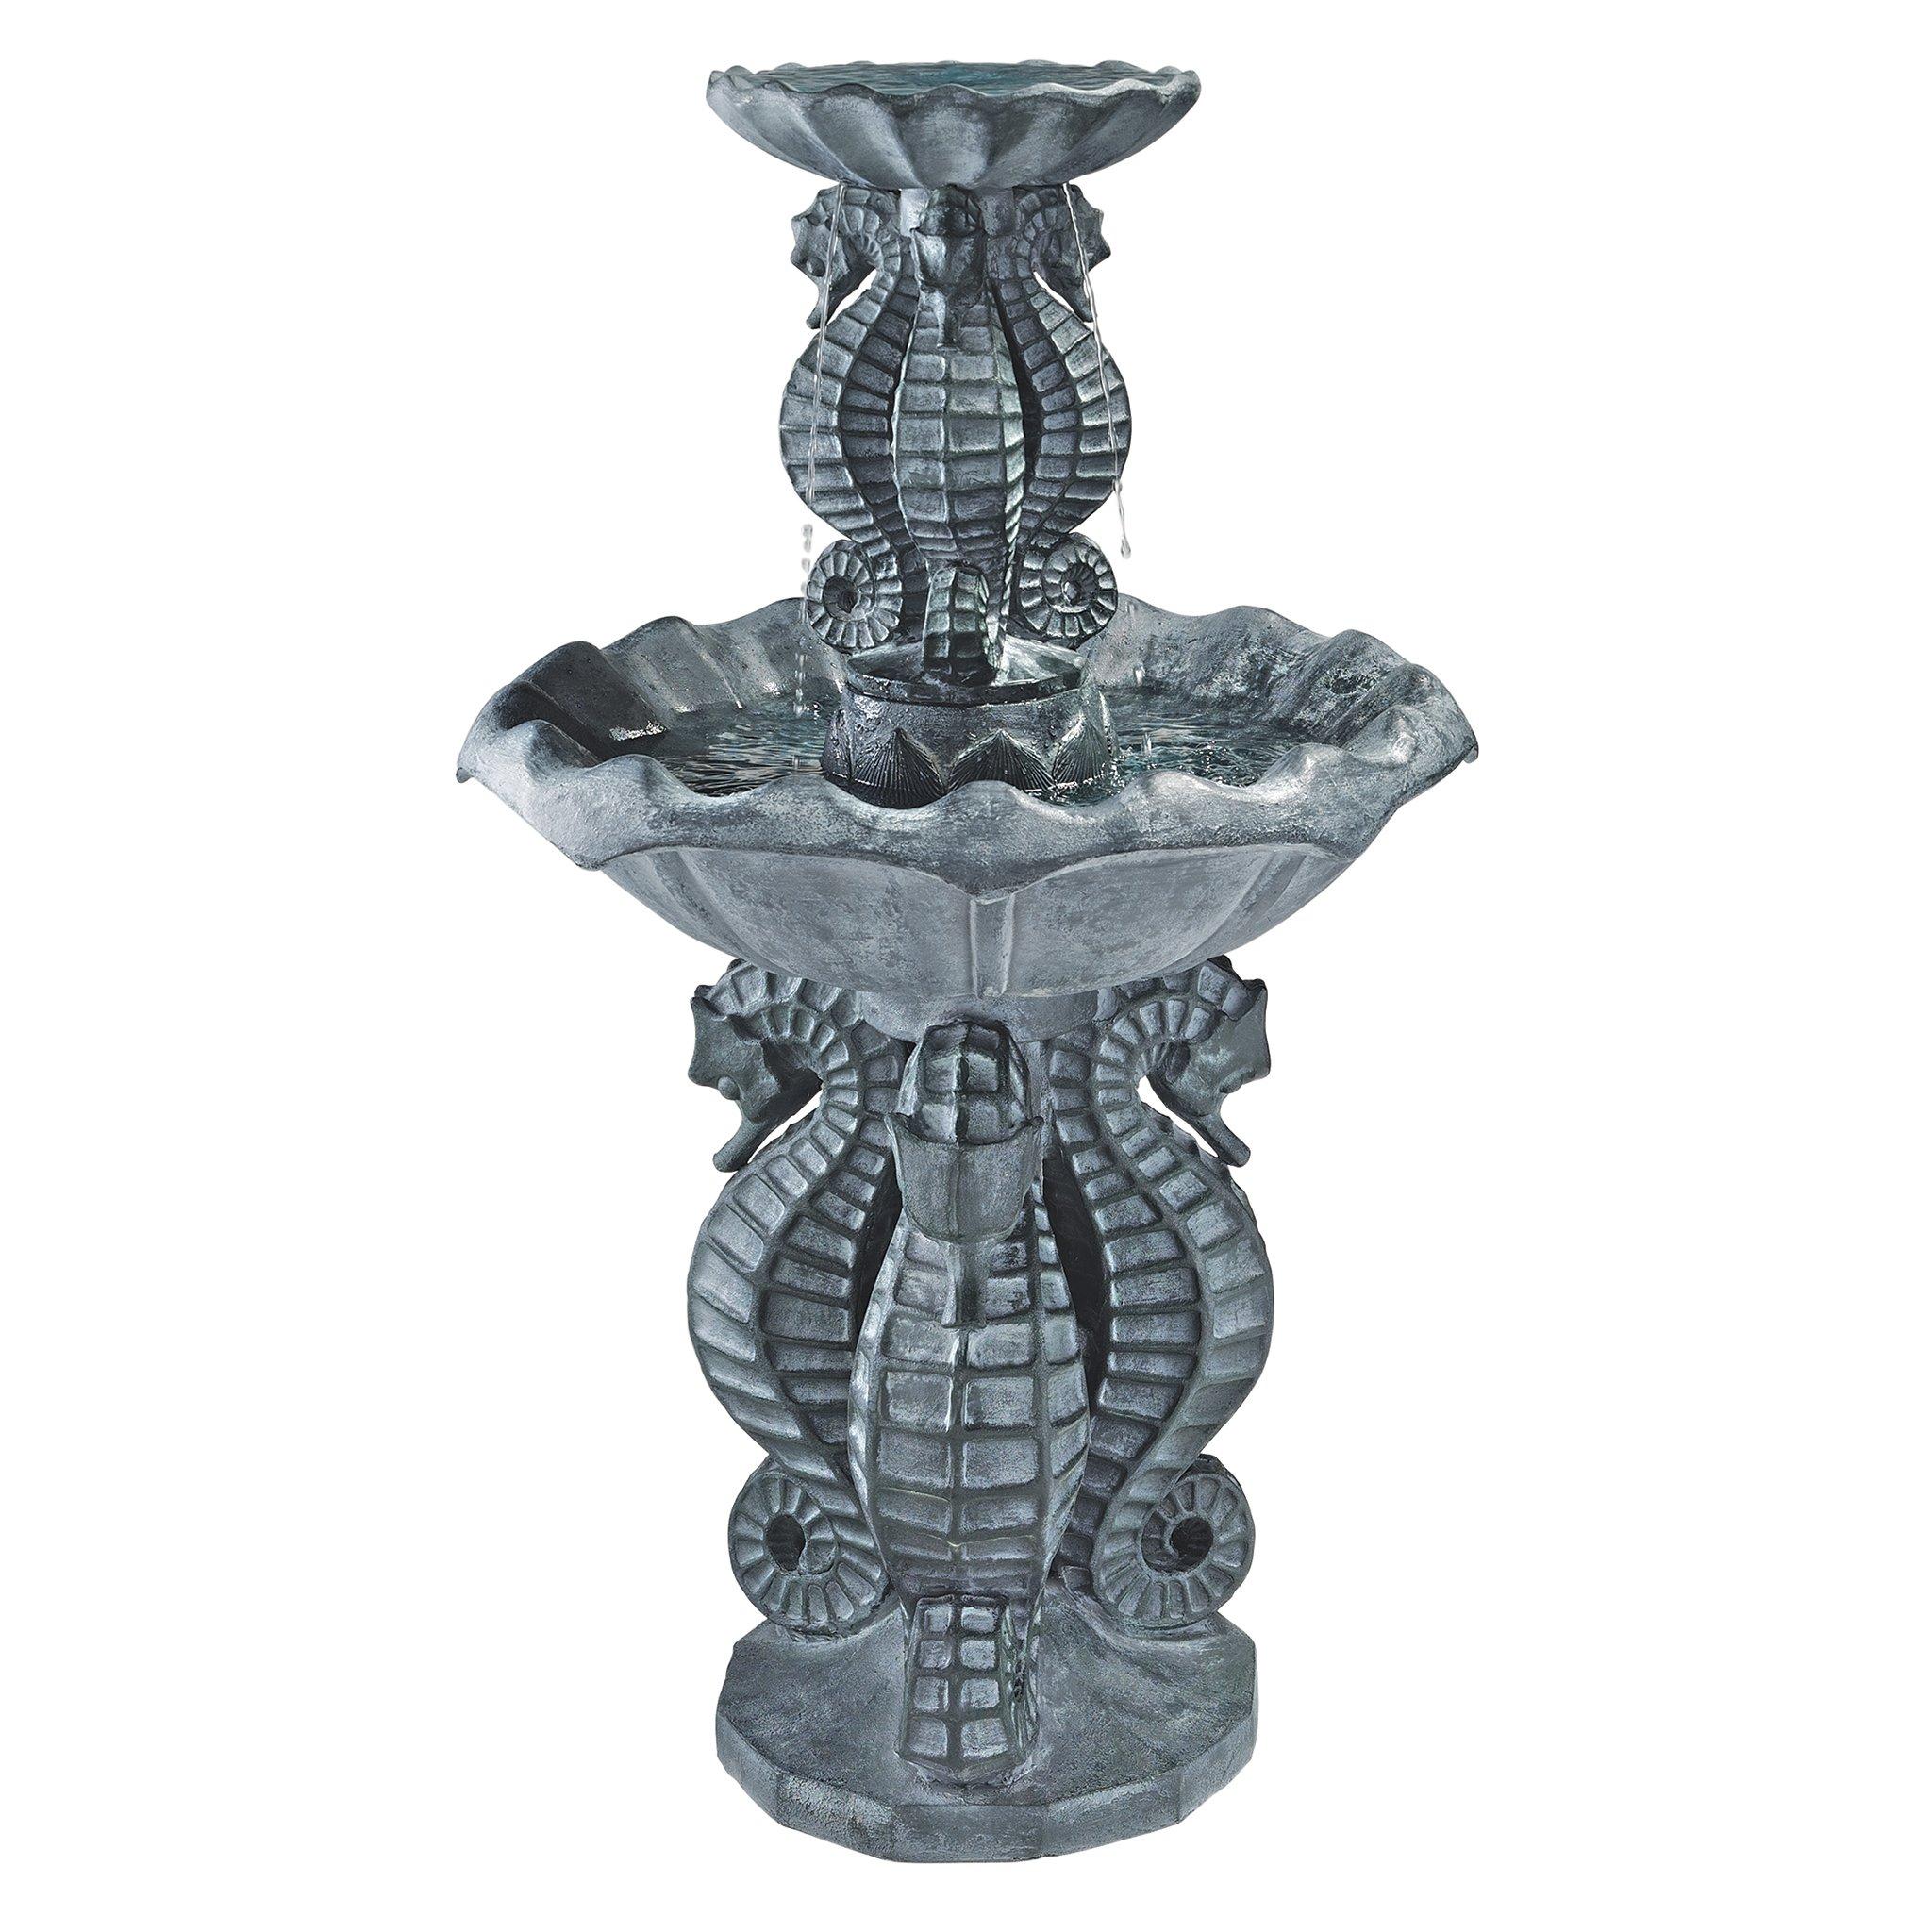 Design Toscano Spirit of The Ocean 2-Tier Seahorse Fountain